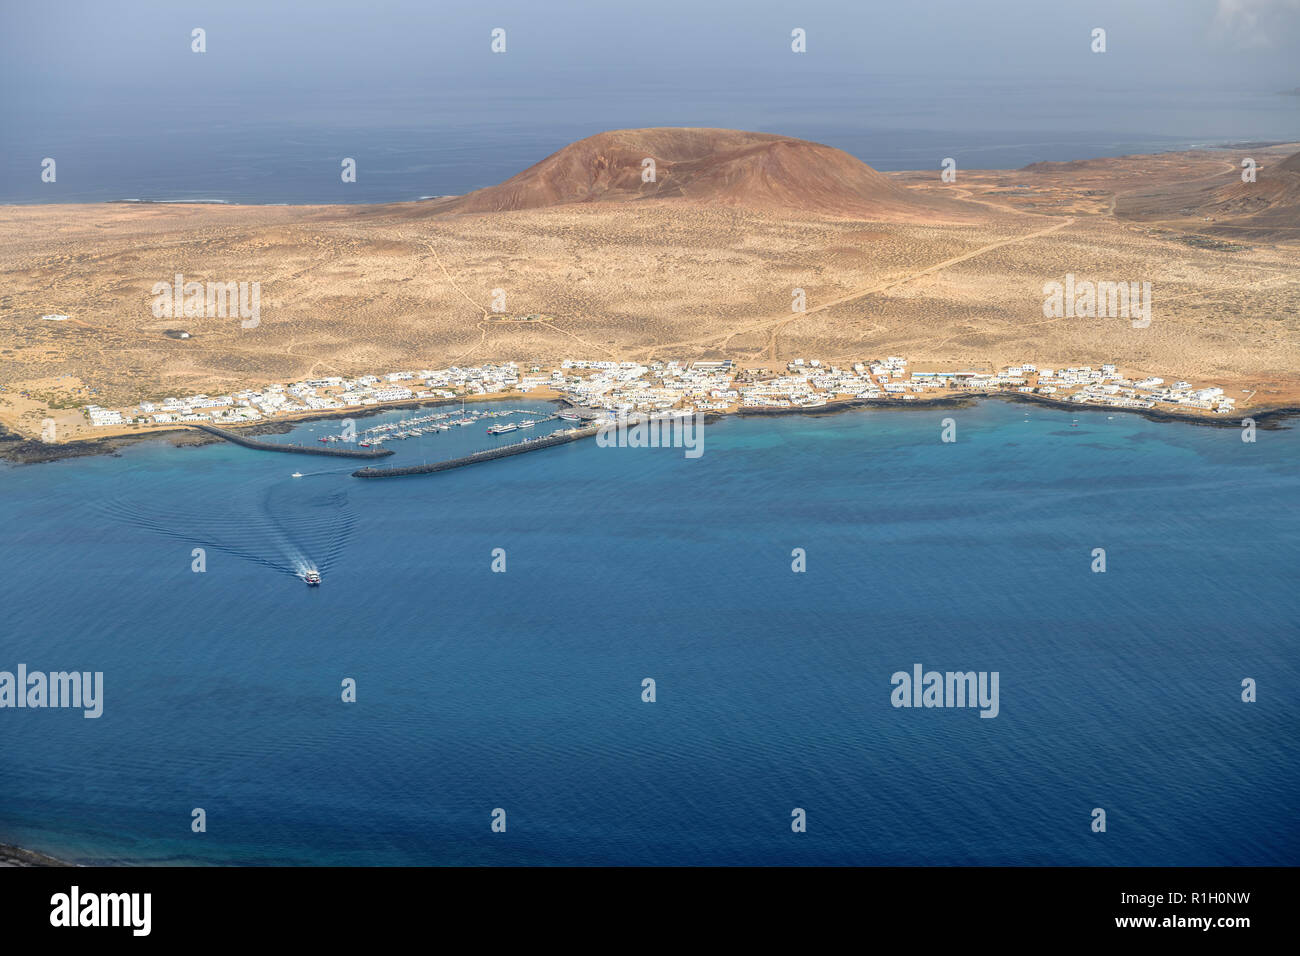 Die kleinen Fischen und touristischen Dorf Caleta del Sebo auf der winzigen Insel La Graciosa neben Lanzarote Kanarischen Inseln. Montaña del Mojon ist behi Stockbild